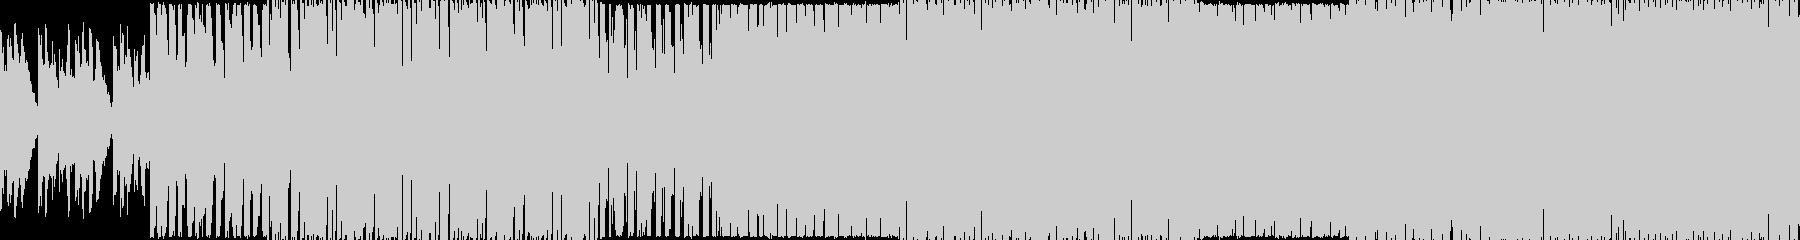 レトロなFMシンセサウンドで作成したテ…の未再生の波形